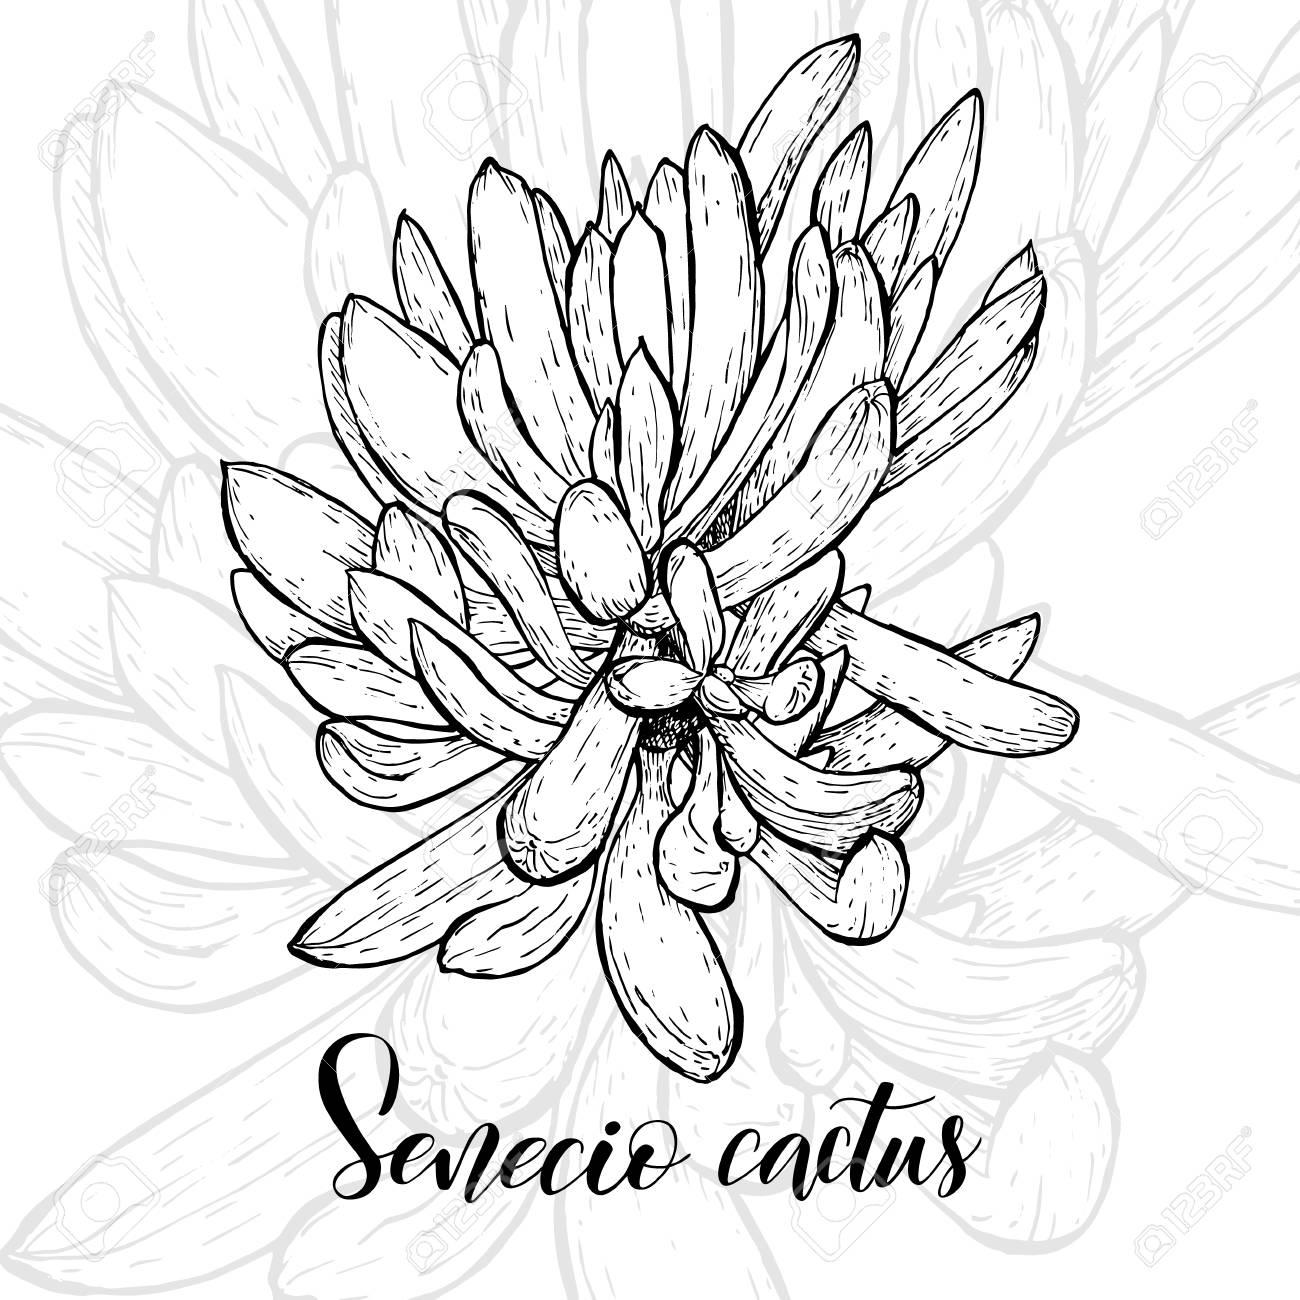 Hand drawn senecio icon. - 96085079